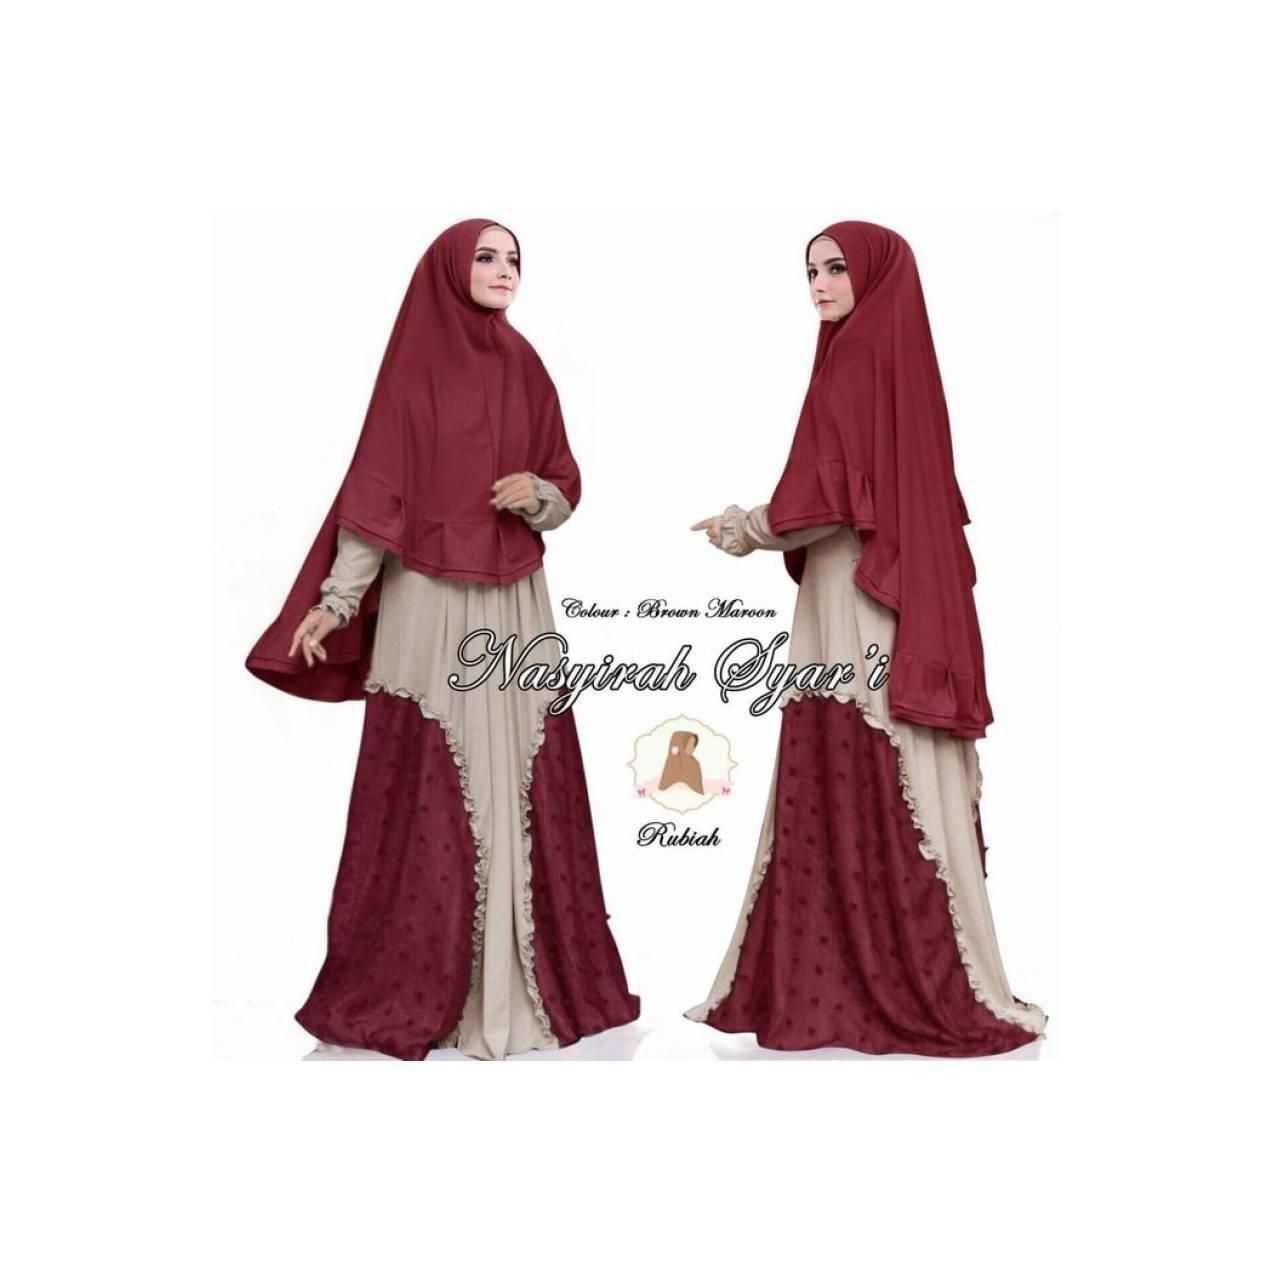 Baju Pengantin Muslimah 120047 NASYIRAH RUBIAH SYARI BROWN-MARON